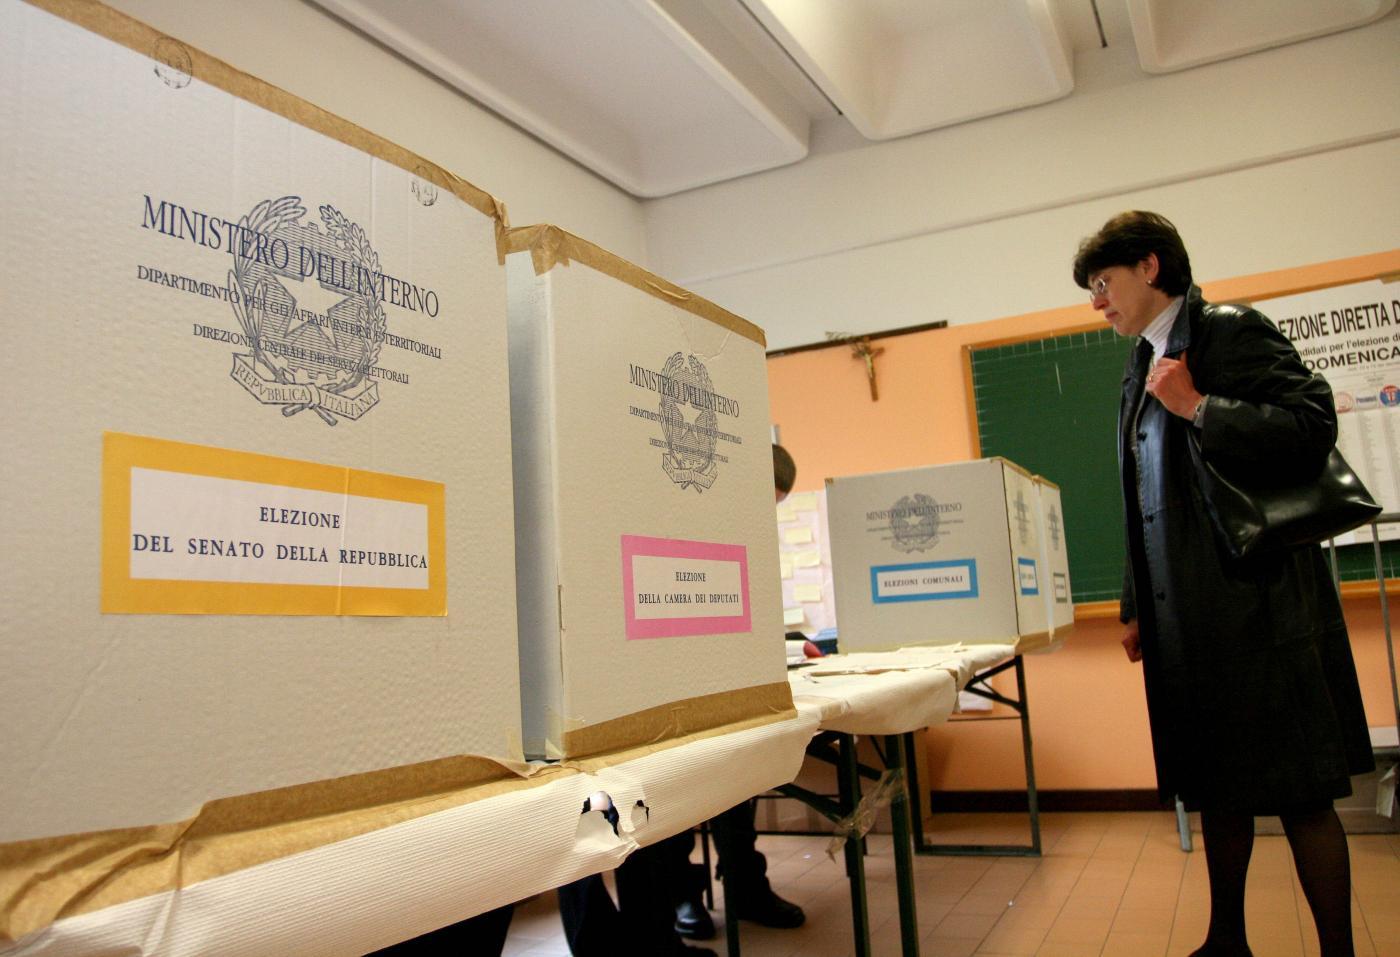 Diritto di voto alle donne in Italia, 72 anni fa il suffragio universale nel nostro Paese